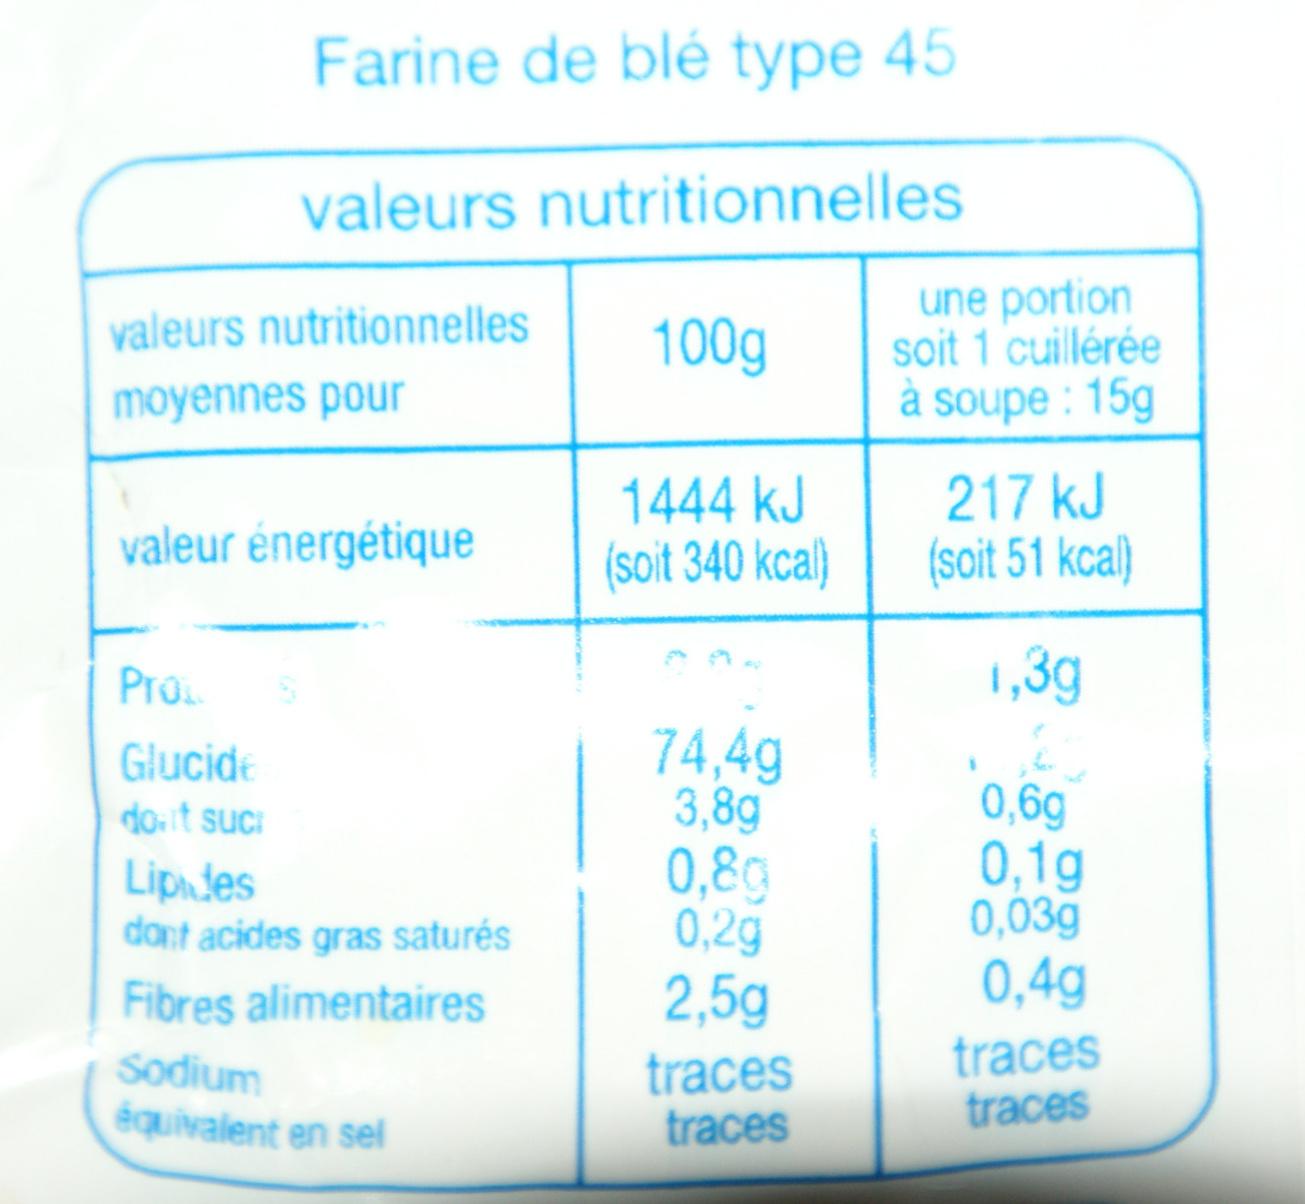 Farine de blé T45 fluide sans grumeaux - Voedingswaarden - fr